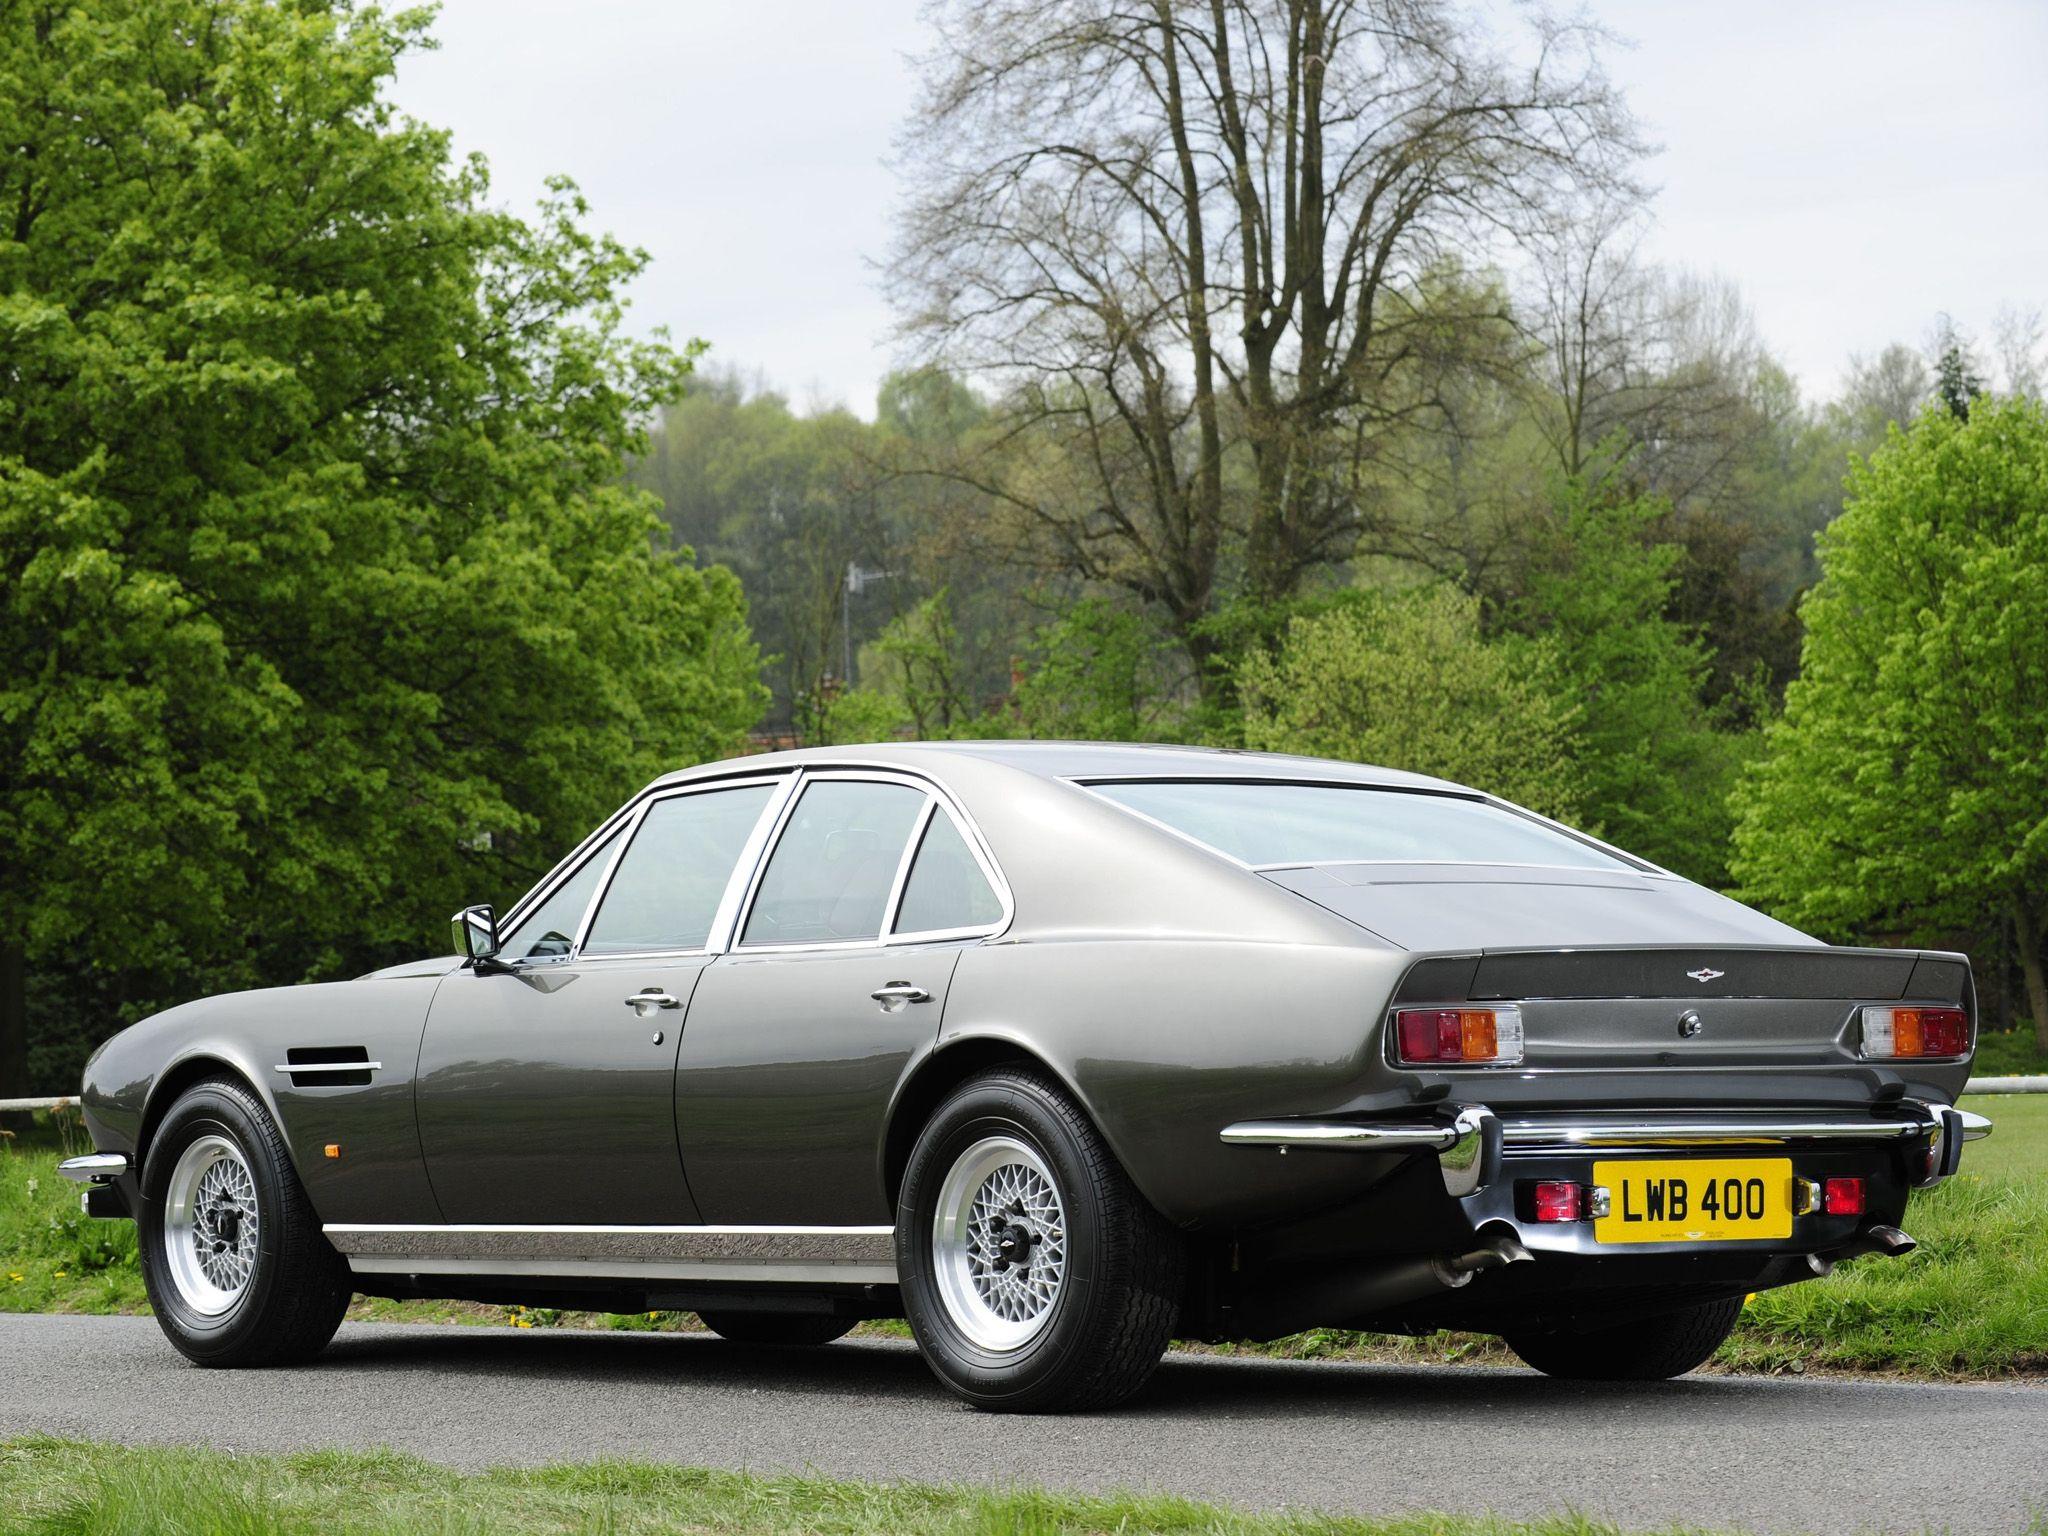 1974 76 Lagonda V8 Saloon Auto S